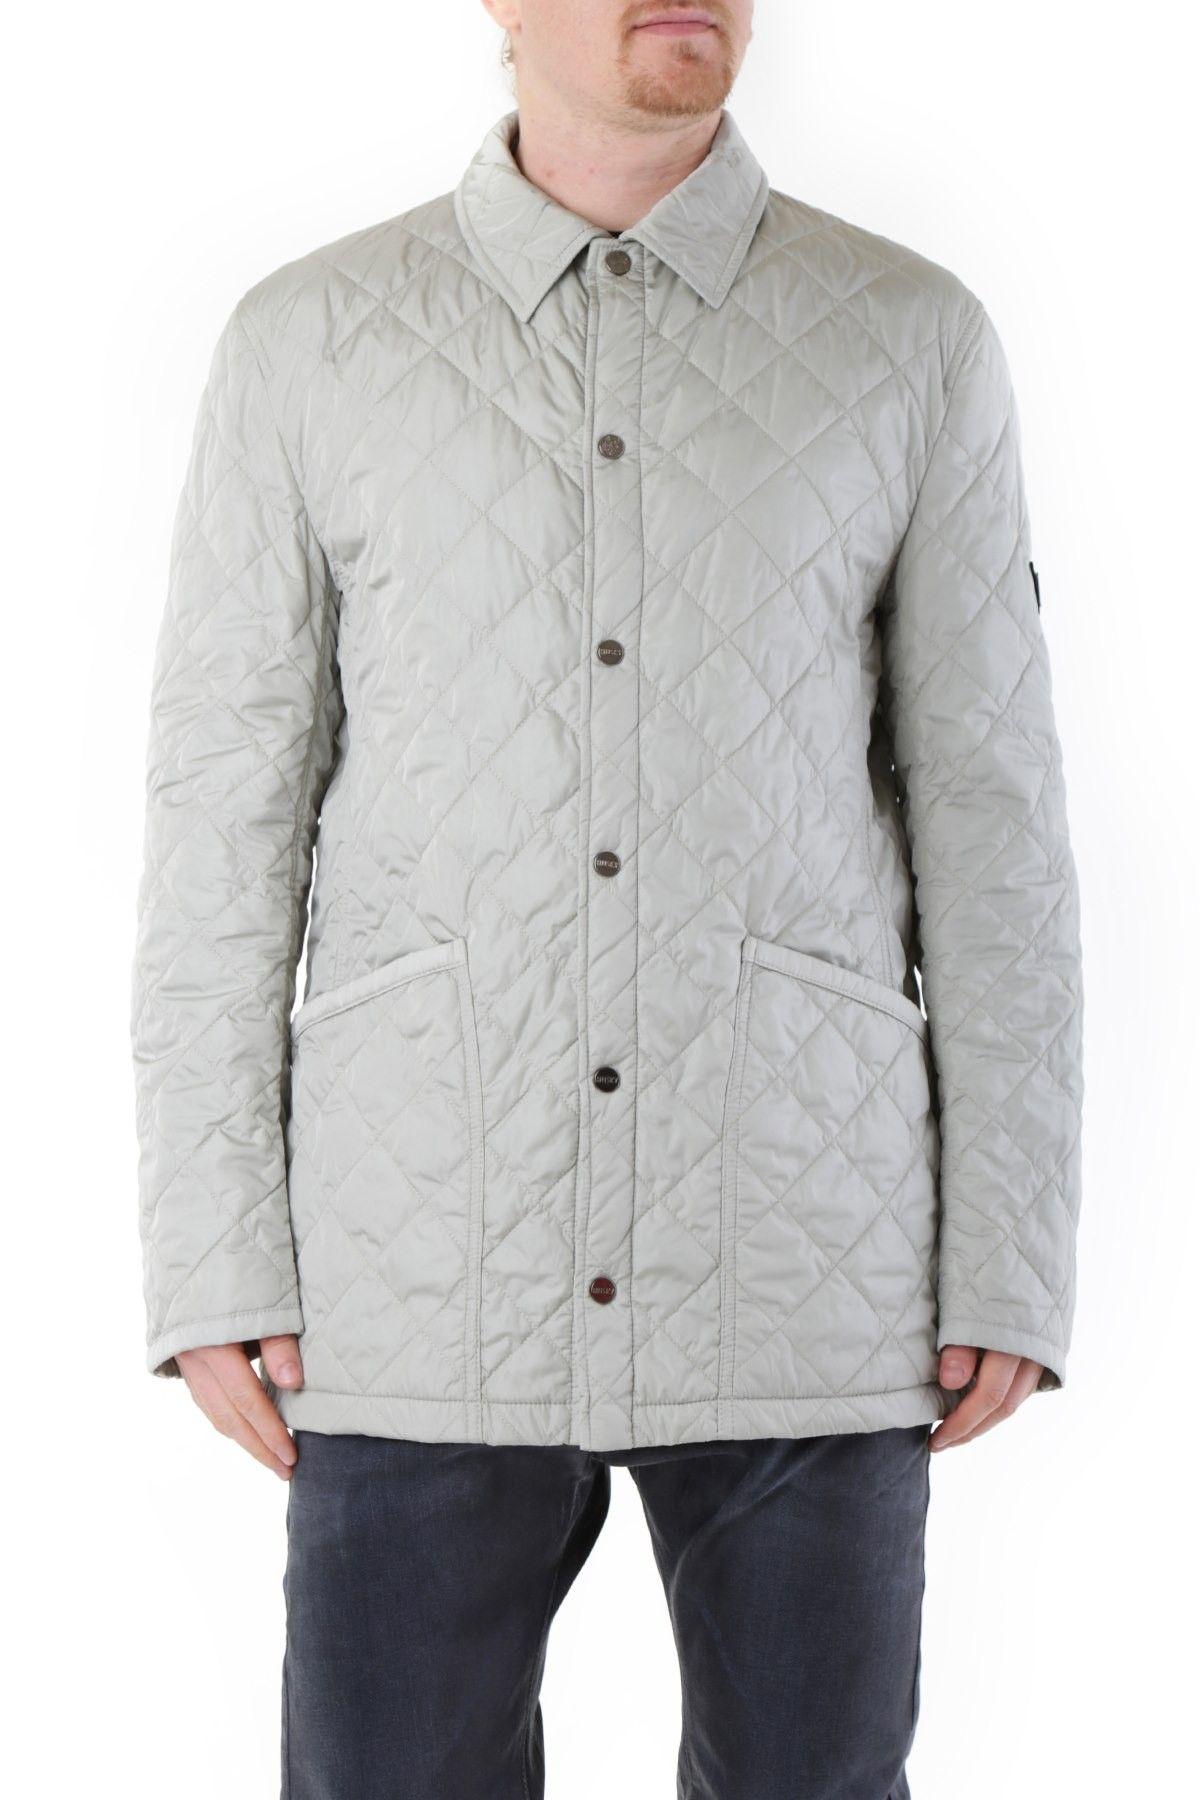 Husky Men's Blazer In Grey